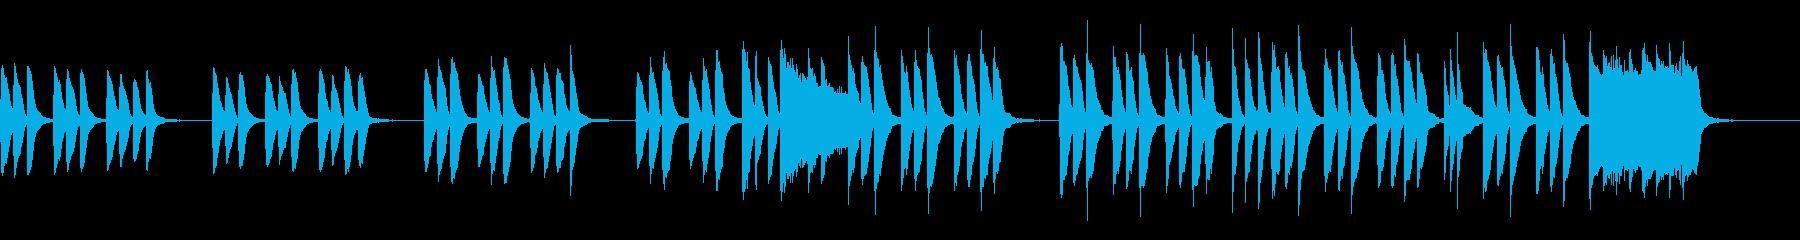 キッズ/ペット ほのぼのカワイイピアノ曲の再生済みの波形